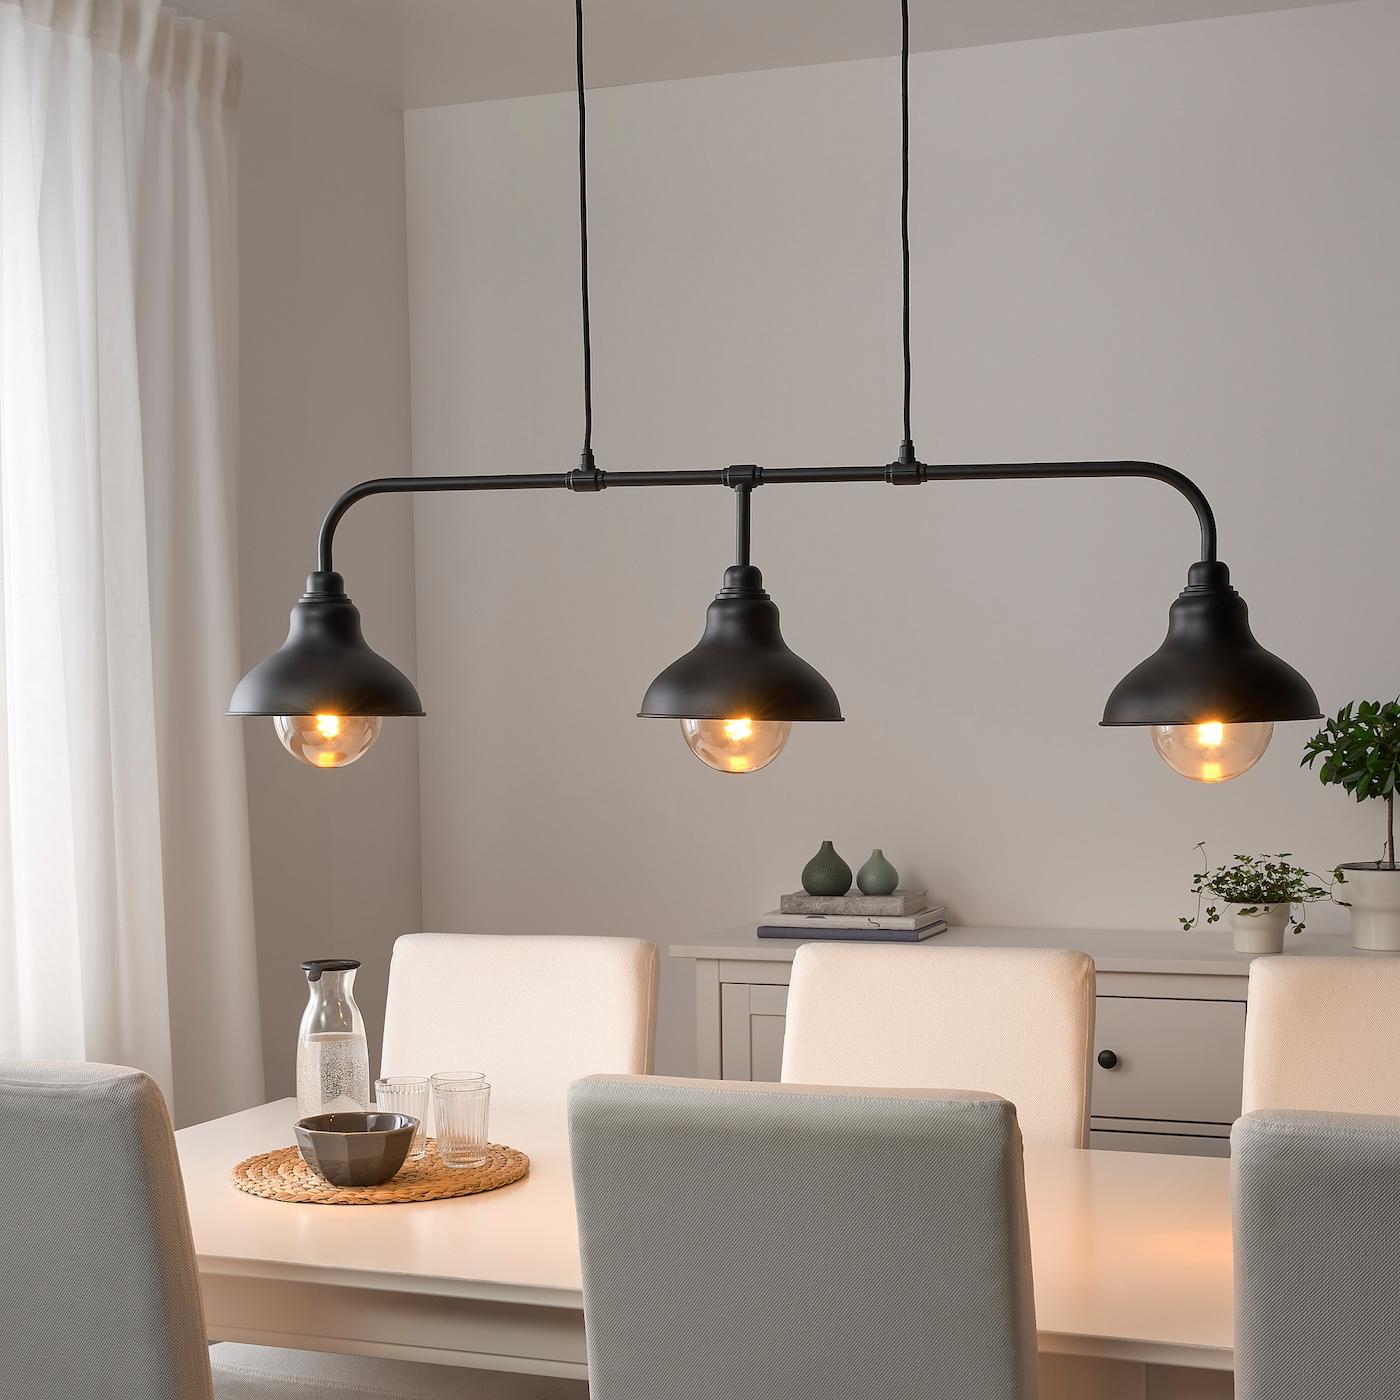 AGUNNARYD Hängeleuchte mit 9 Lampen   schwarz